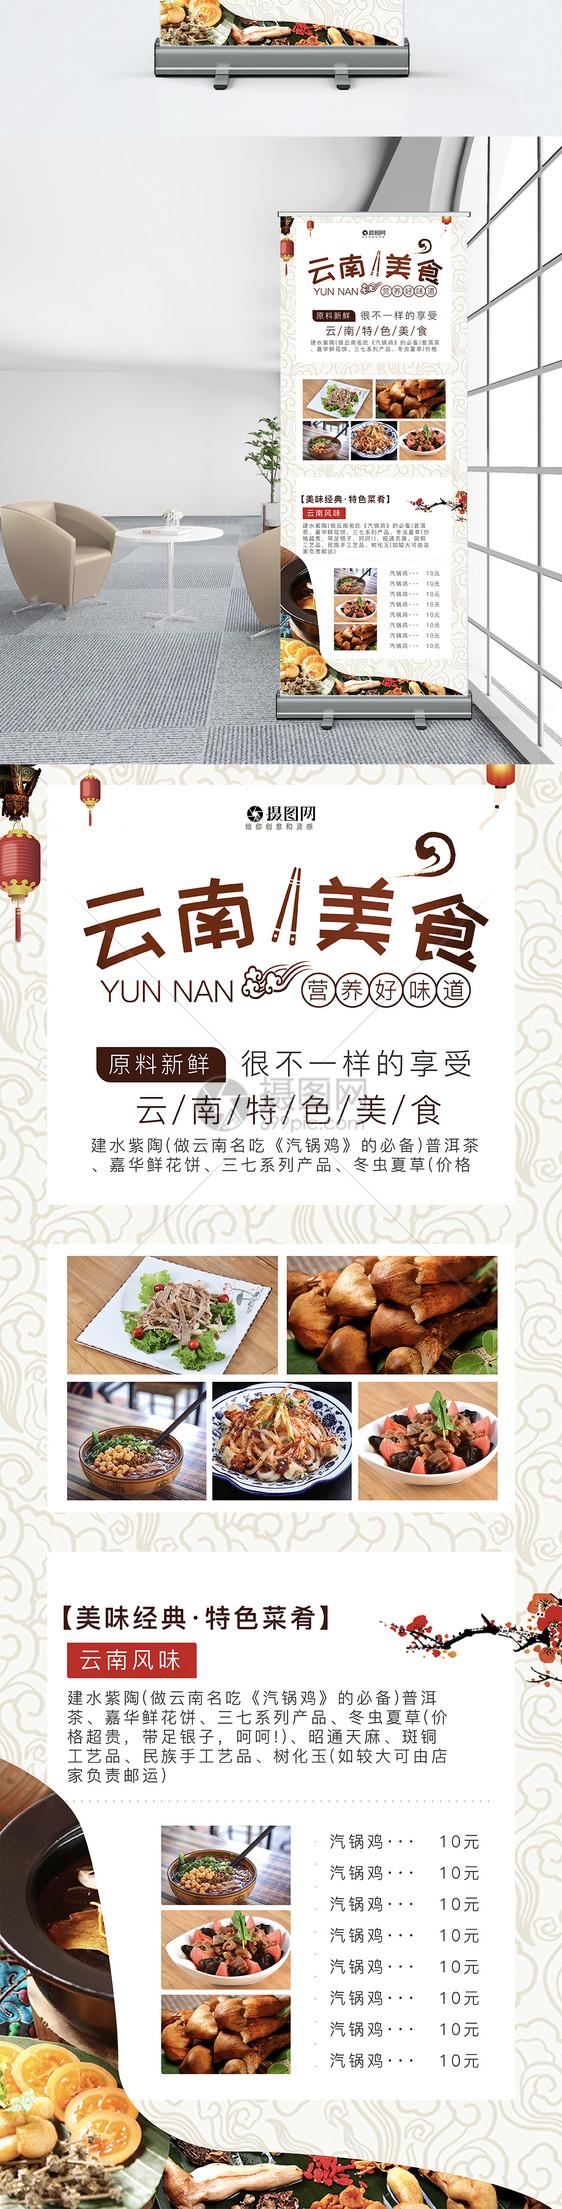 云南美食展架图片